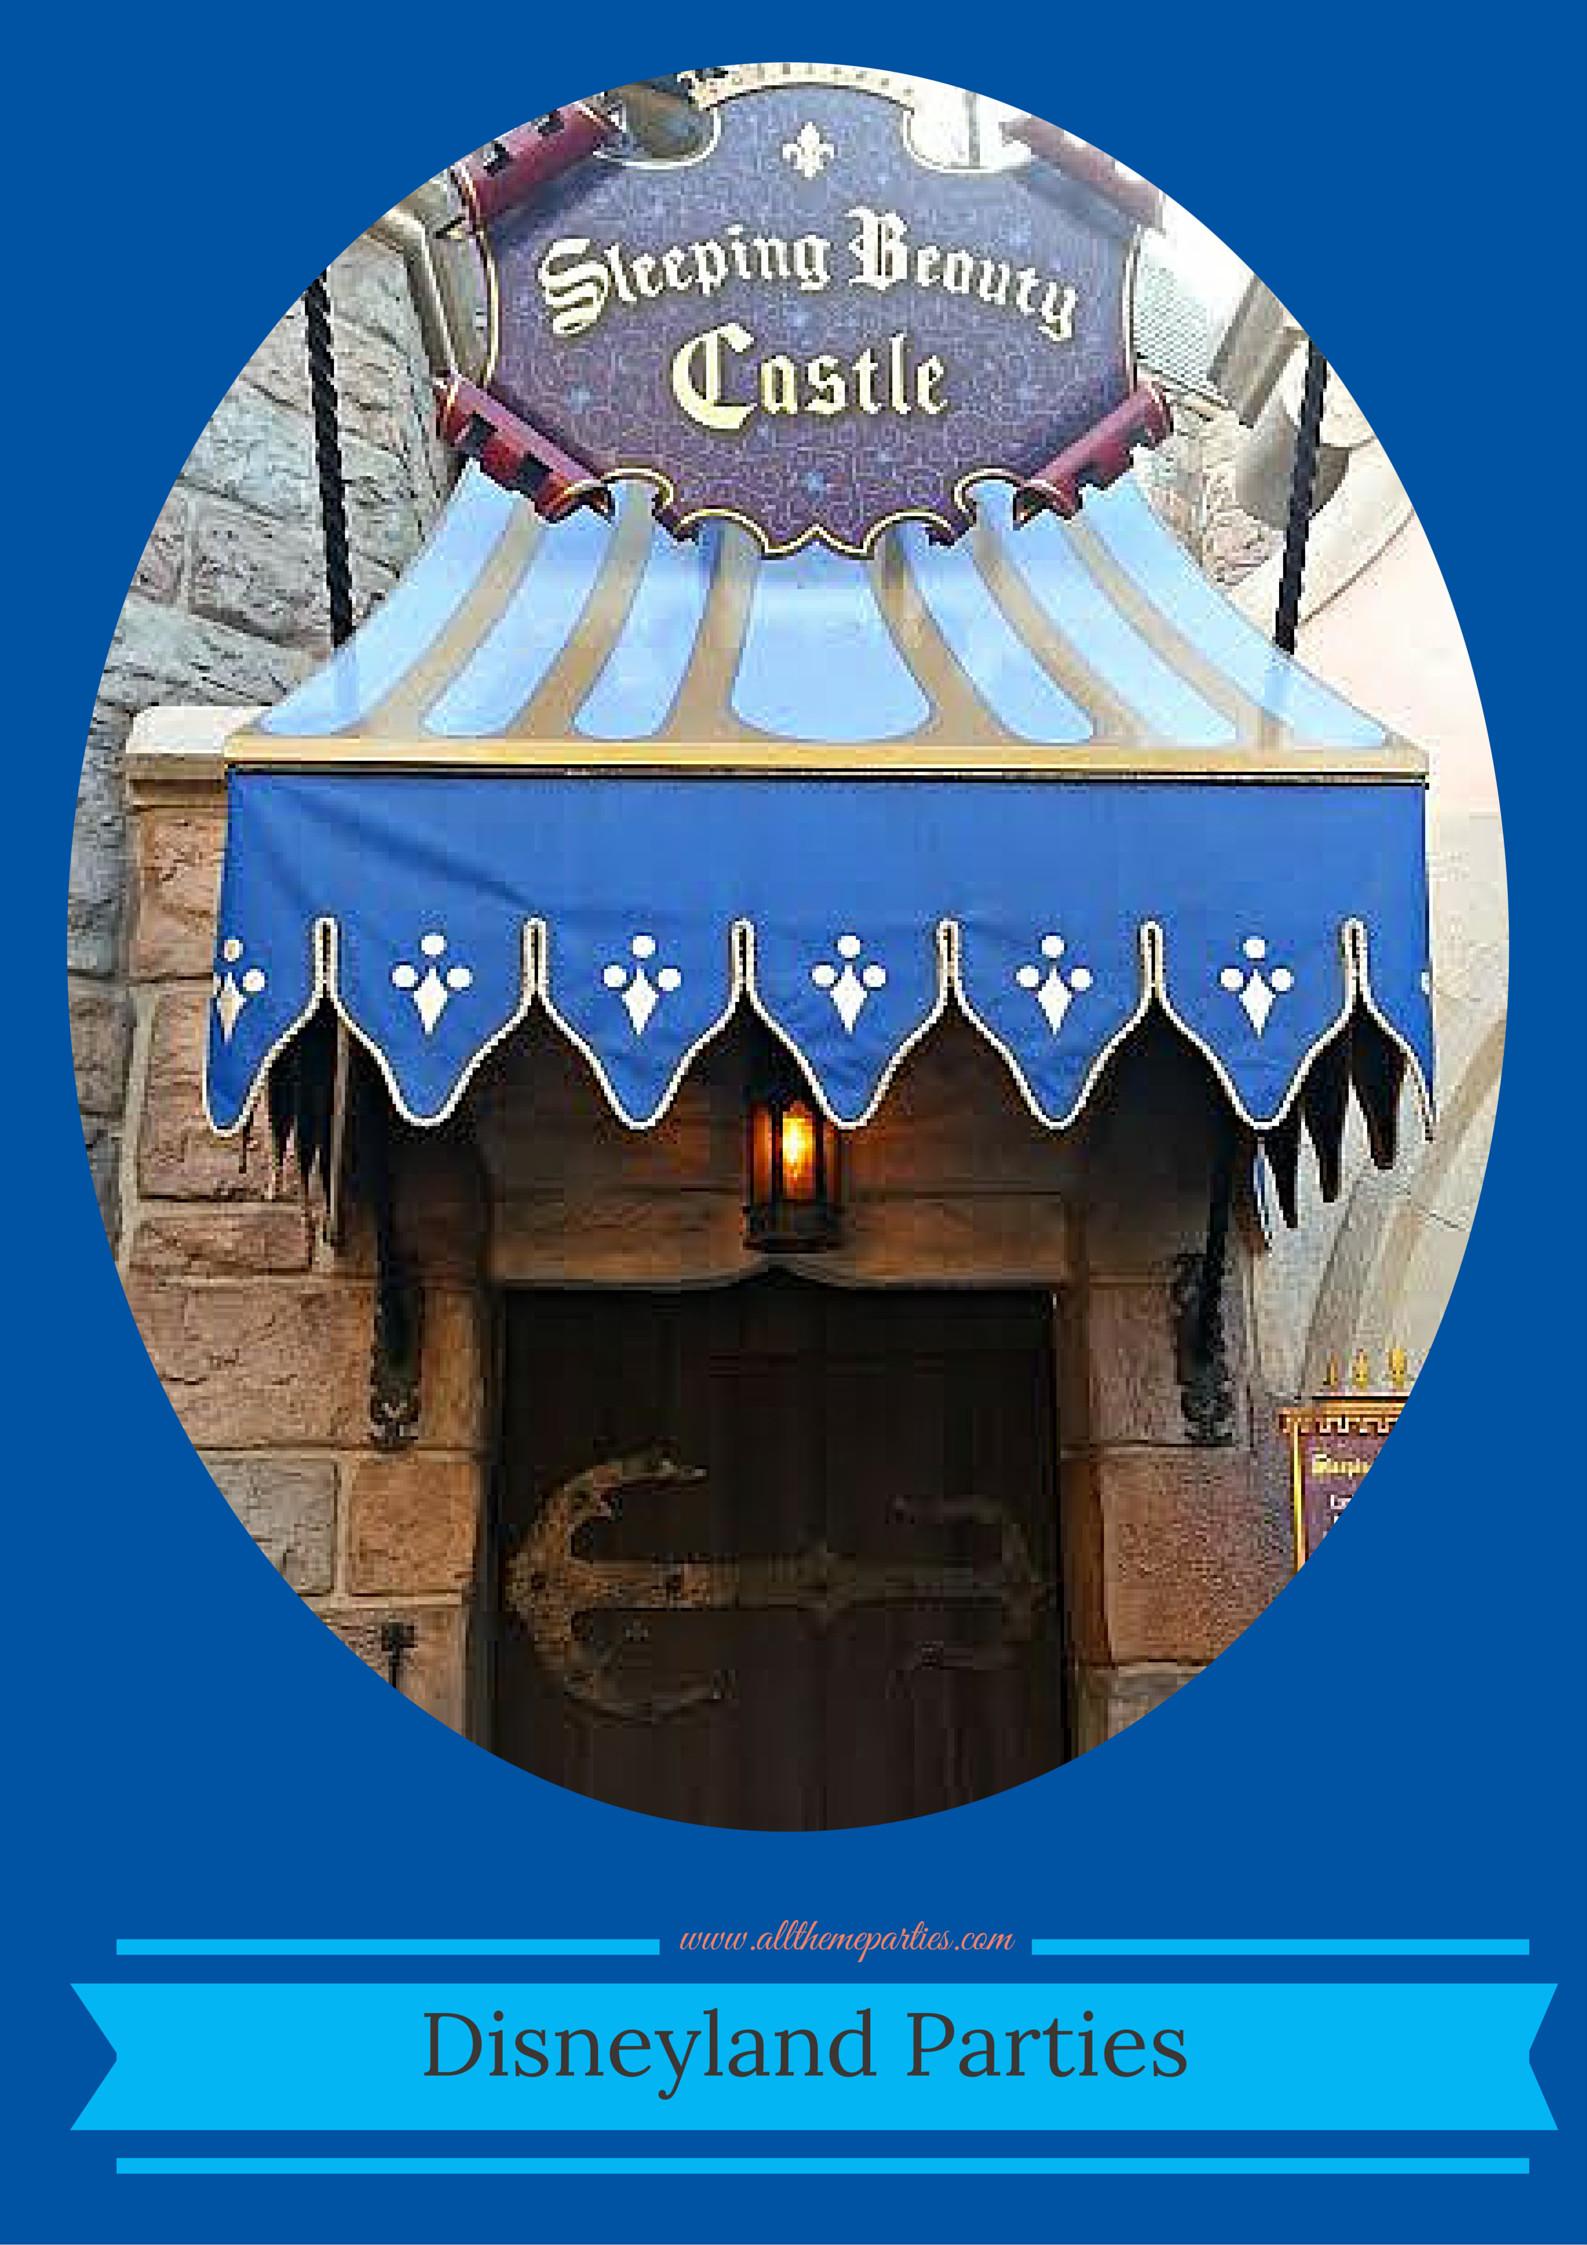 Best ideas about Disneyland Birthday Party . Save or Pin Disneyland Birthday Party Ideas Now.